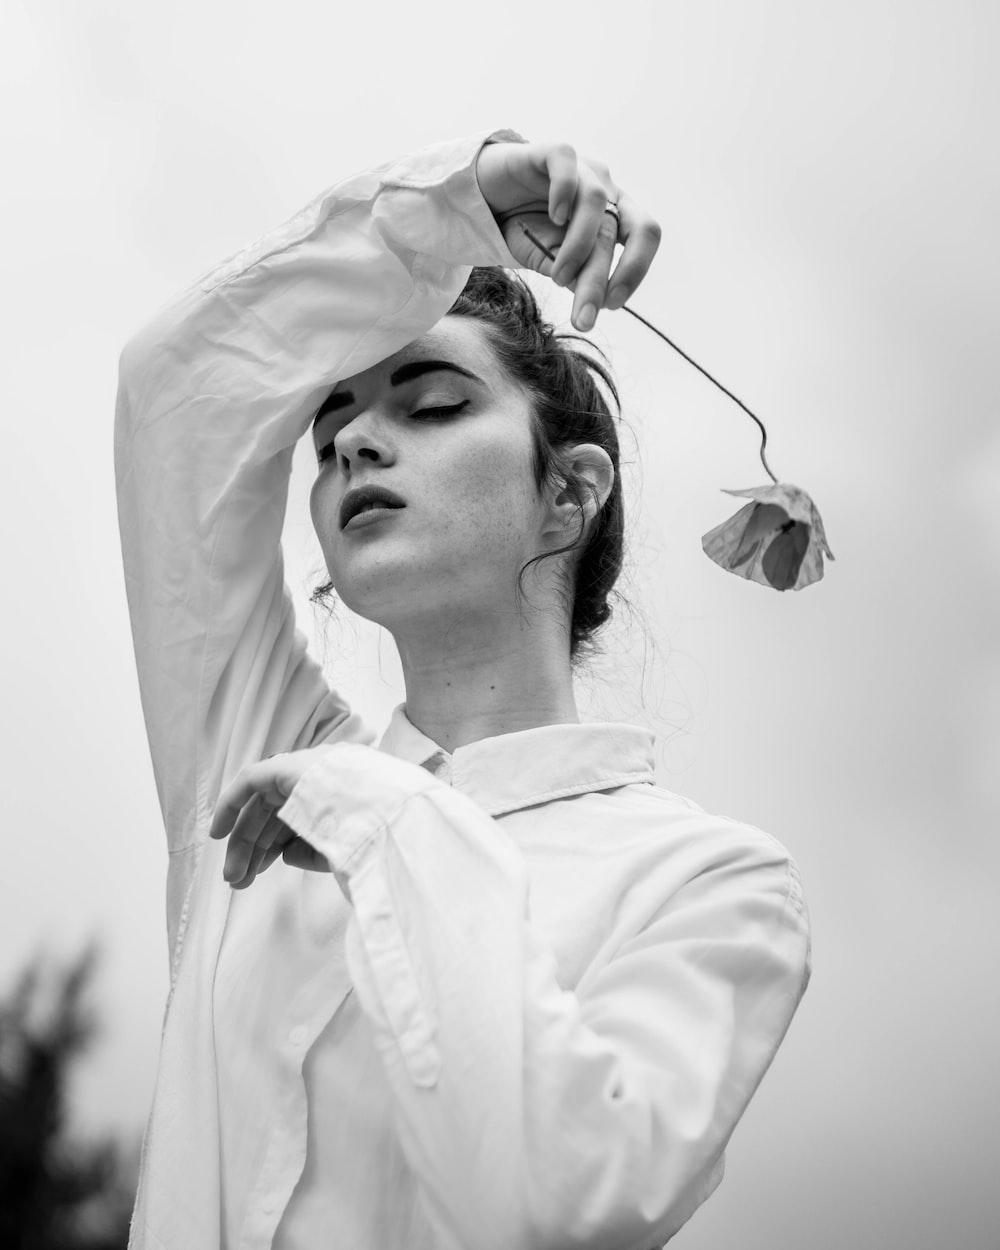 woman in white longsleeve top